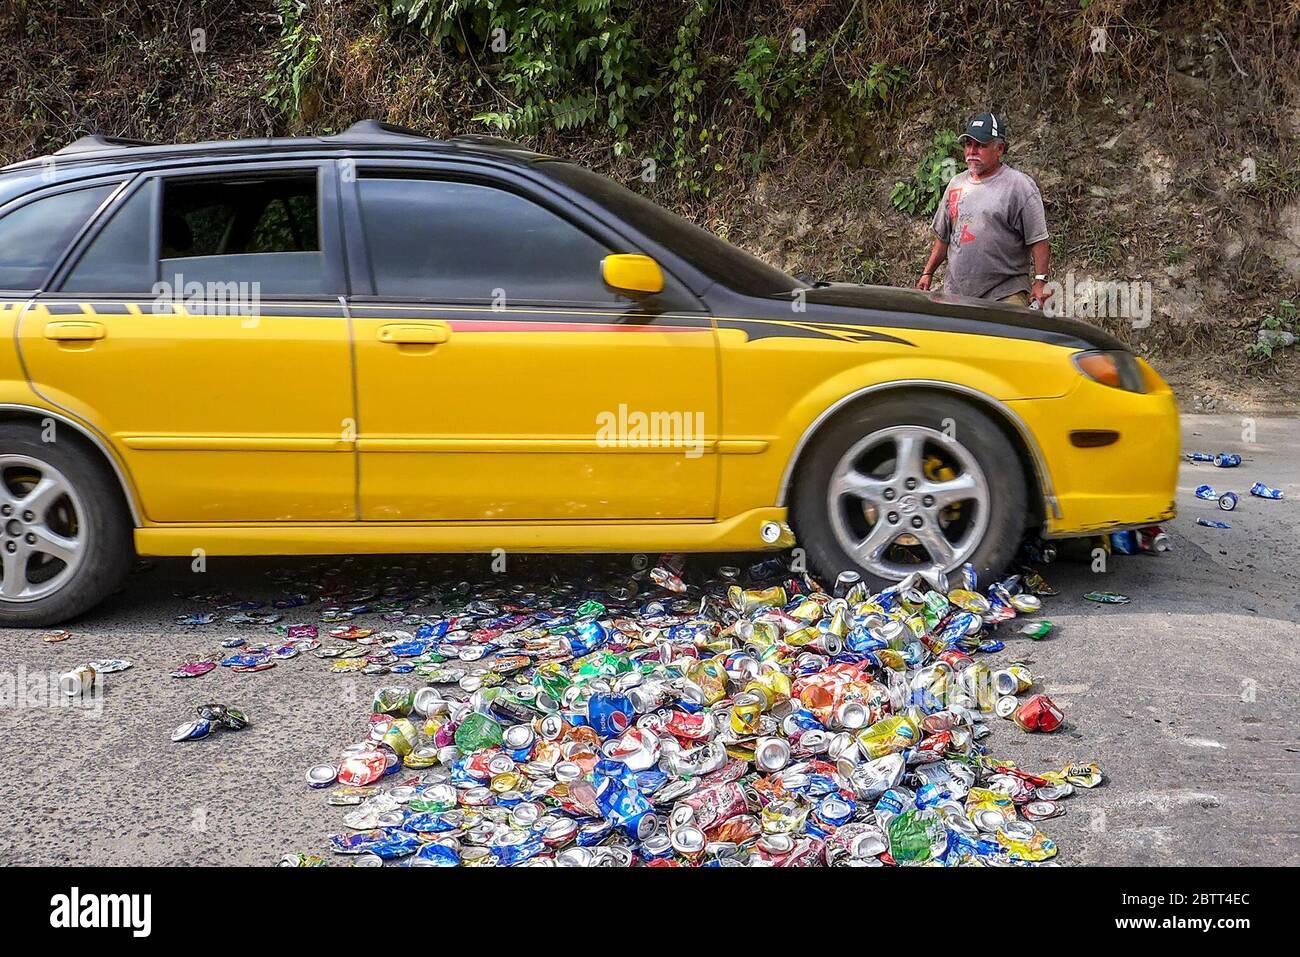 En San Andrés Semetabaj, municipio de Sololá, Guatemala, Alirio López, de 63 años, coloca latas de soda en una carretera para que los coches que pasan los aplasten. Alirio recicla las latas en utensilios de cocina. (Brenda Leticia Saloj Chiyal, GpJ Guatemala) Foto de stock